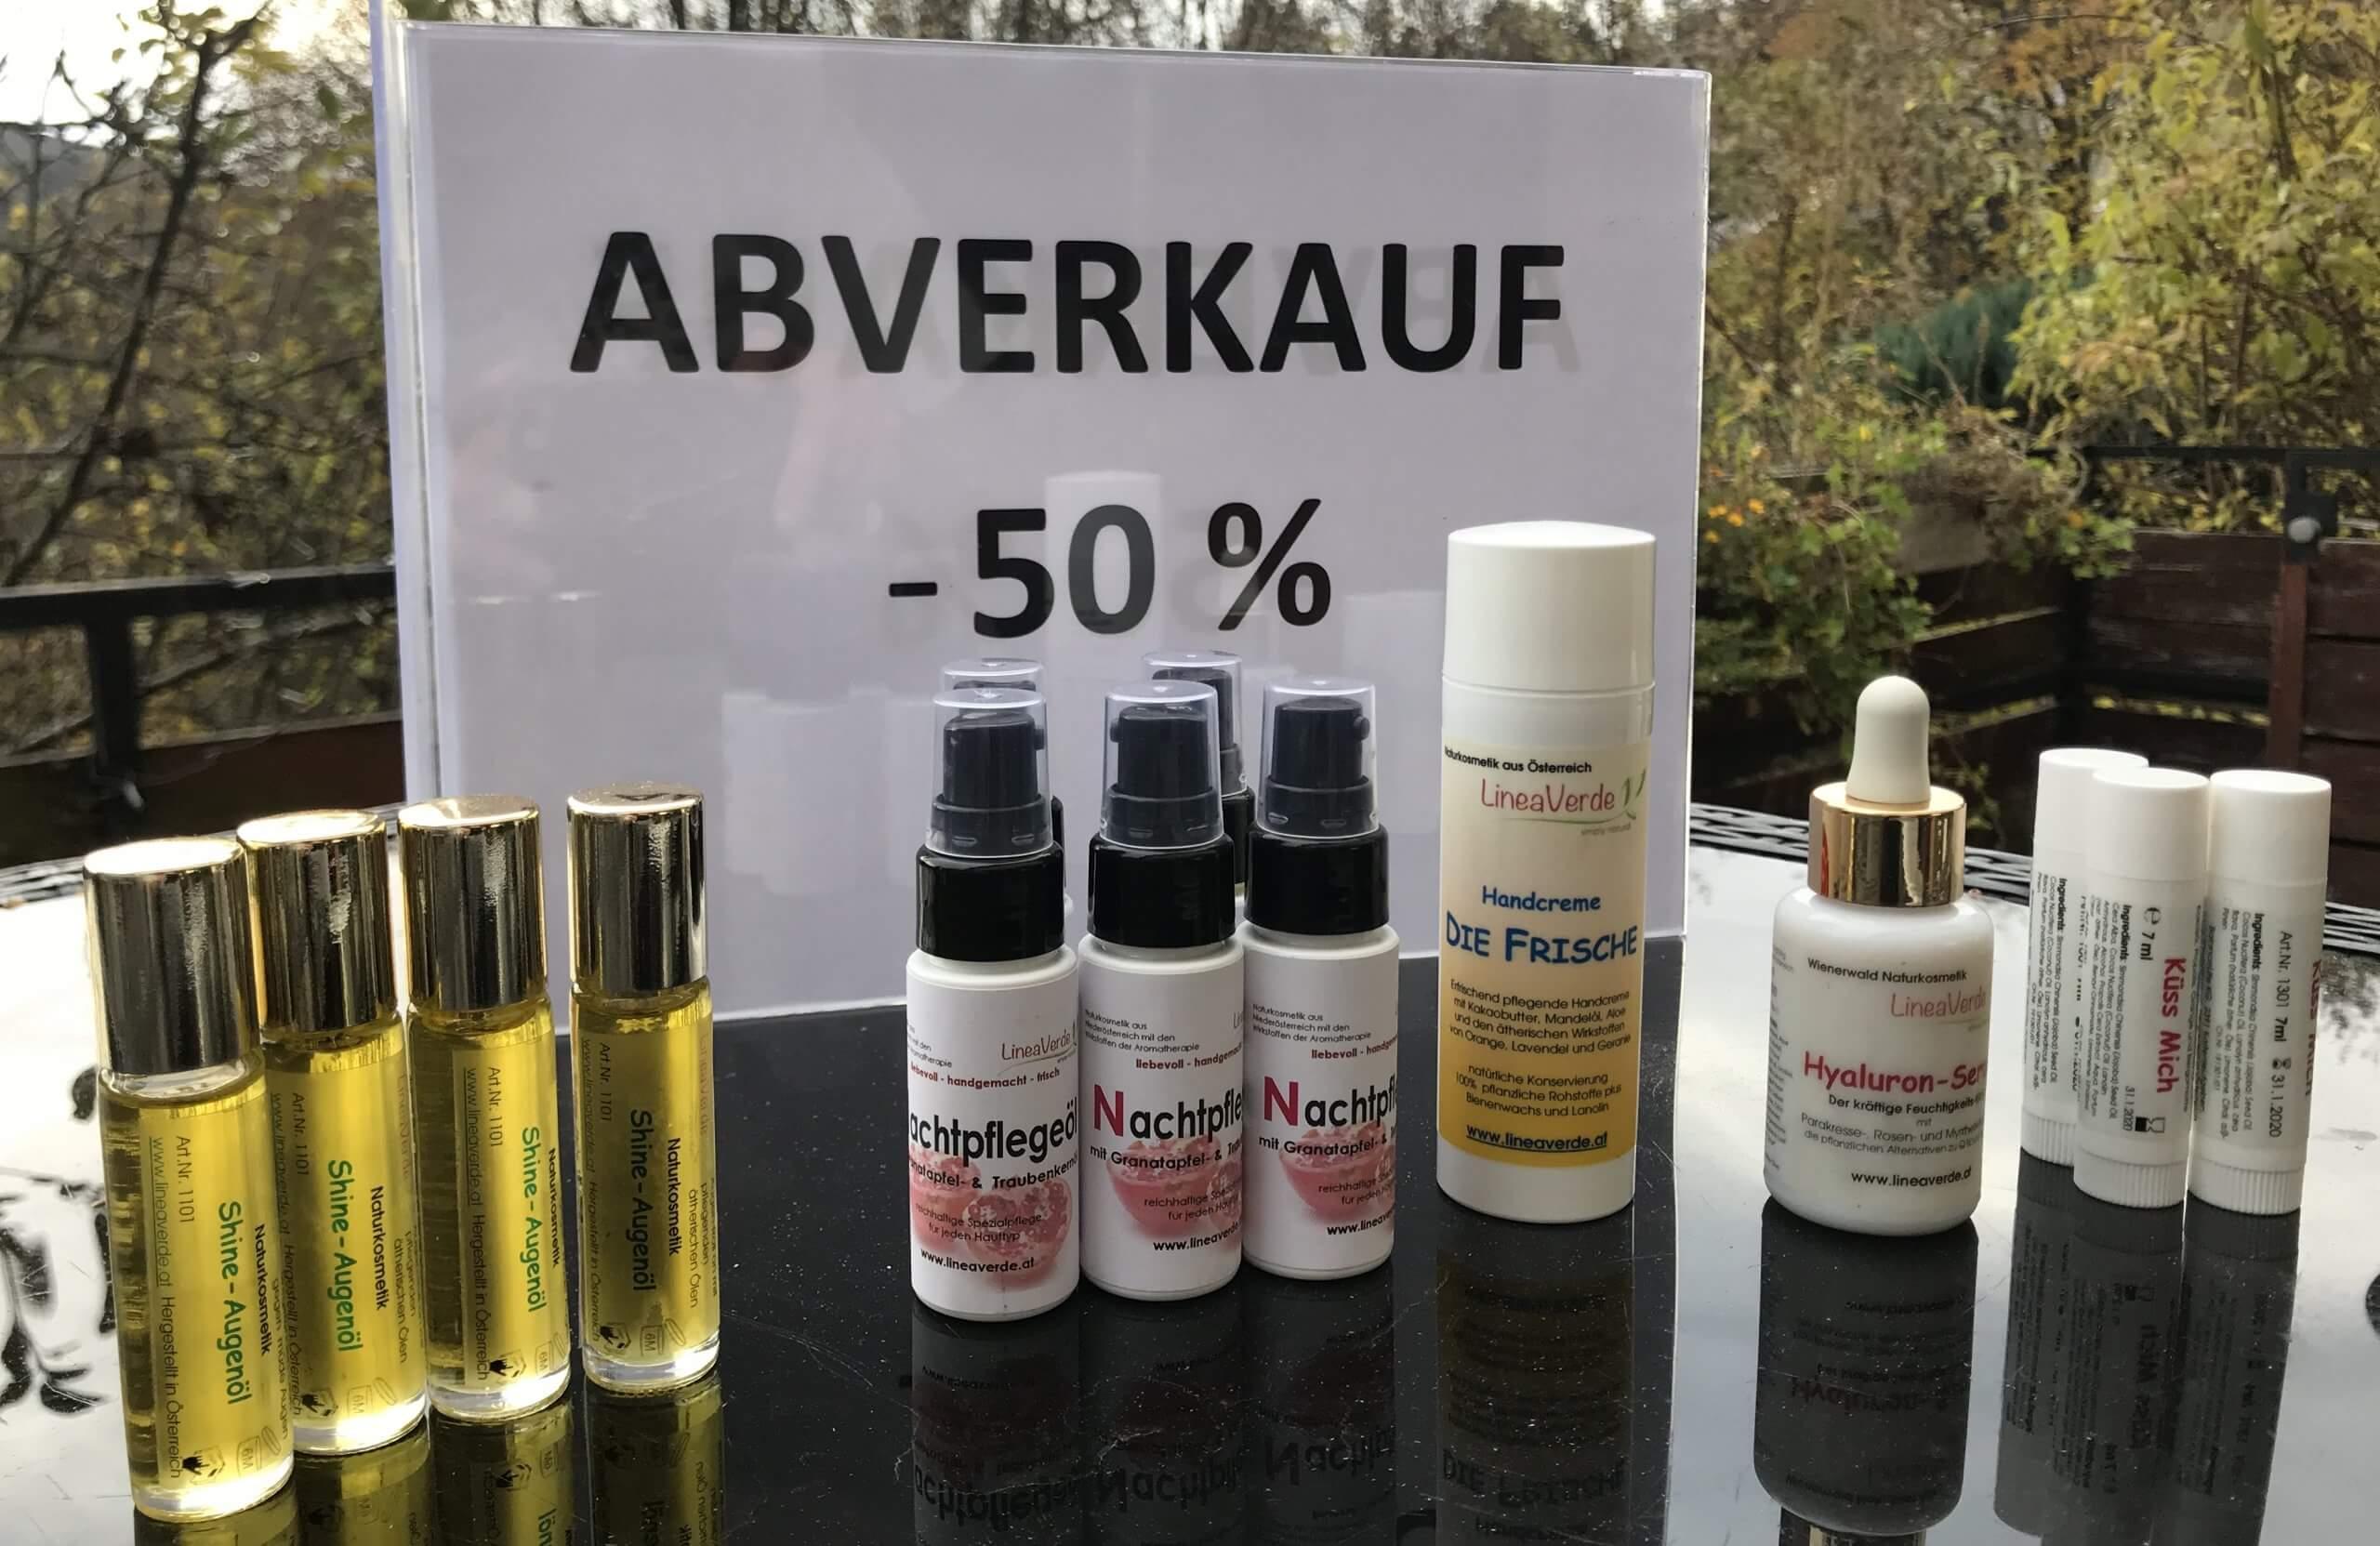 LineaVerde Abverkauf November 2019